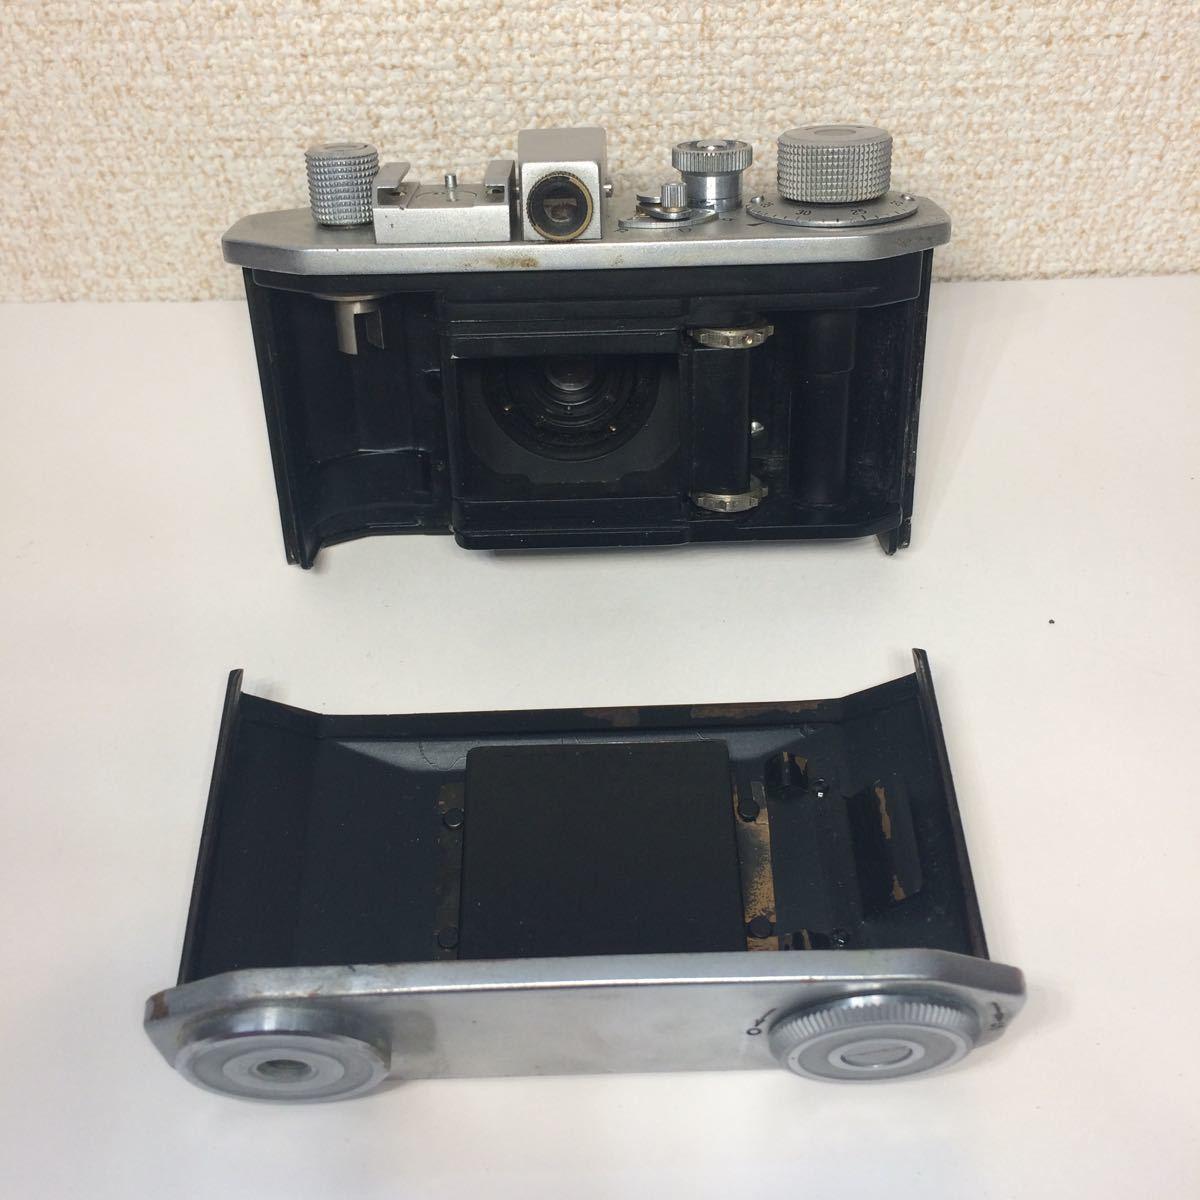 オリンパス OLYMPUS 35 コパル COPAL レンズ Zuiko F.C. 1:3.5 f=4cm ケース付 860681 mn0408_画像7